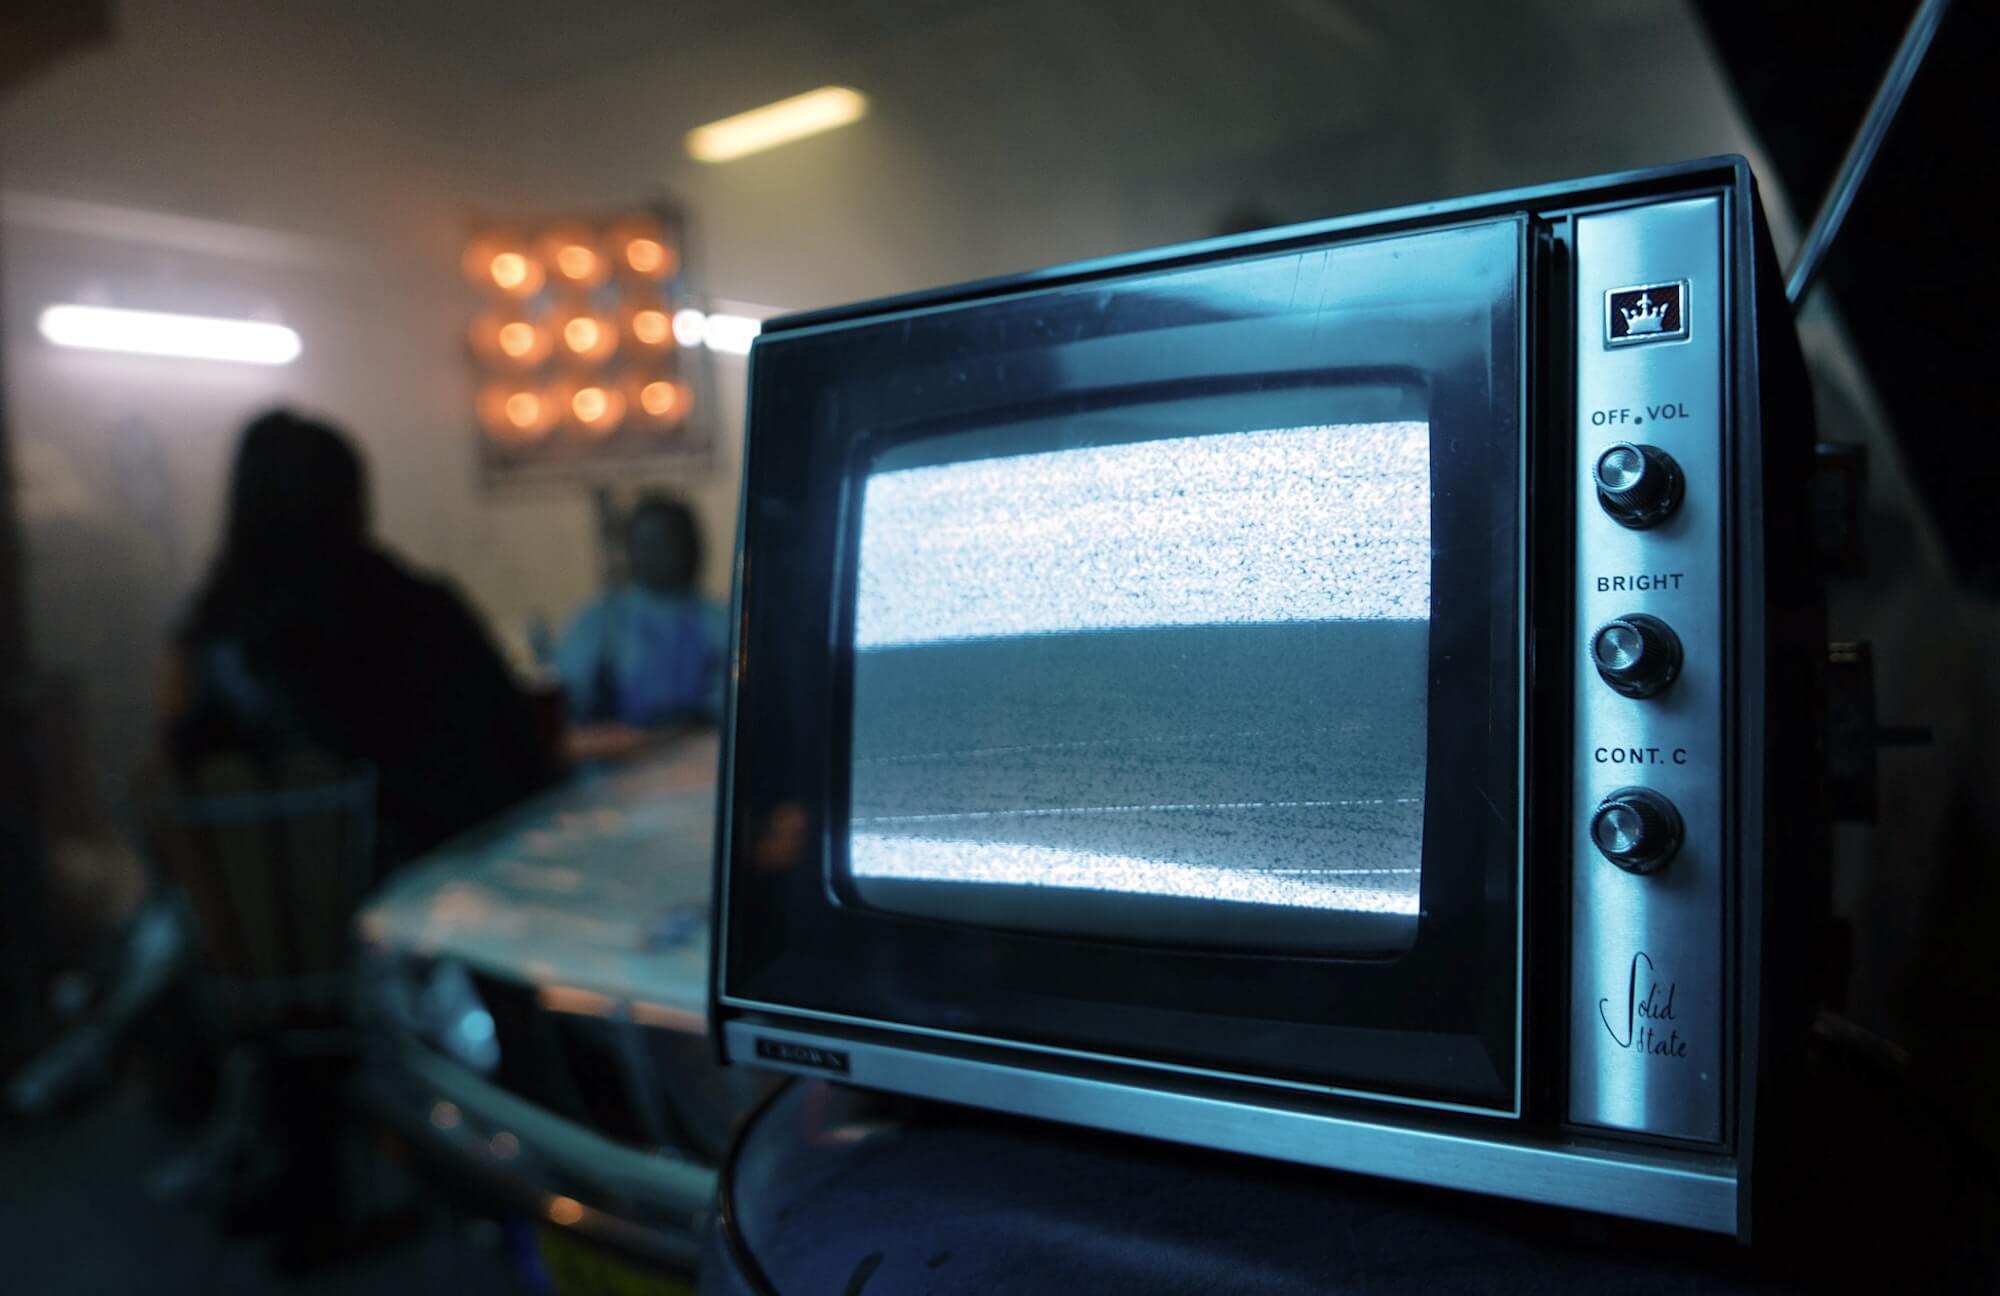 Фотография: Daan Stevens. Источник: Unsplash.com